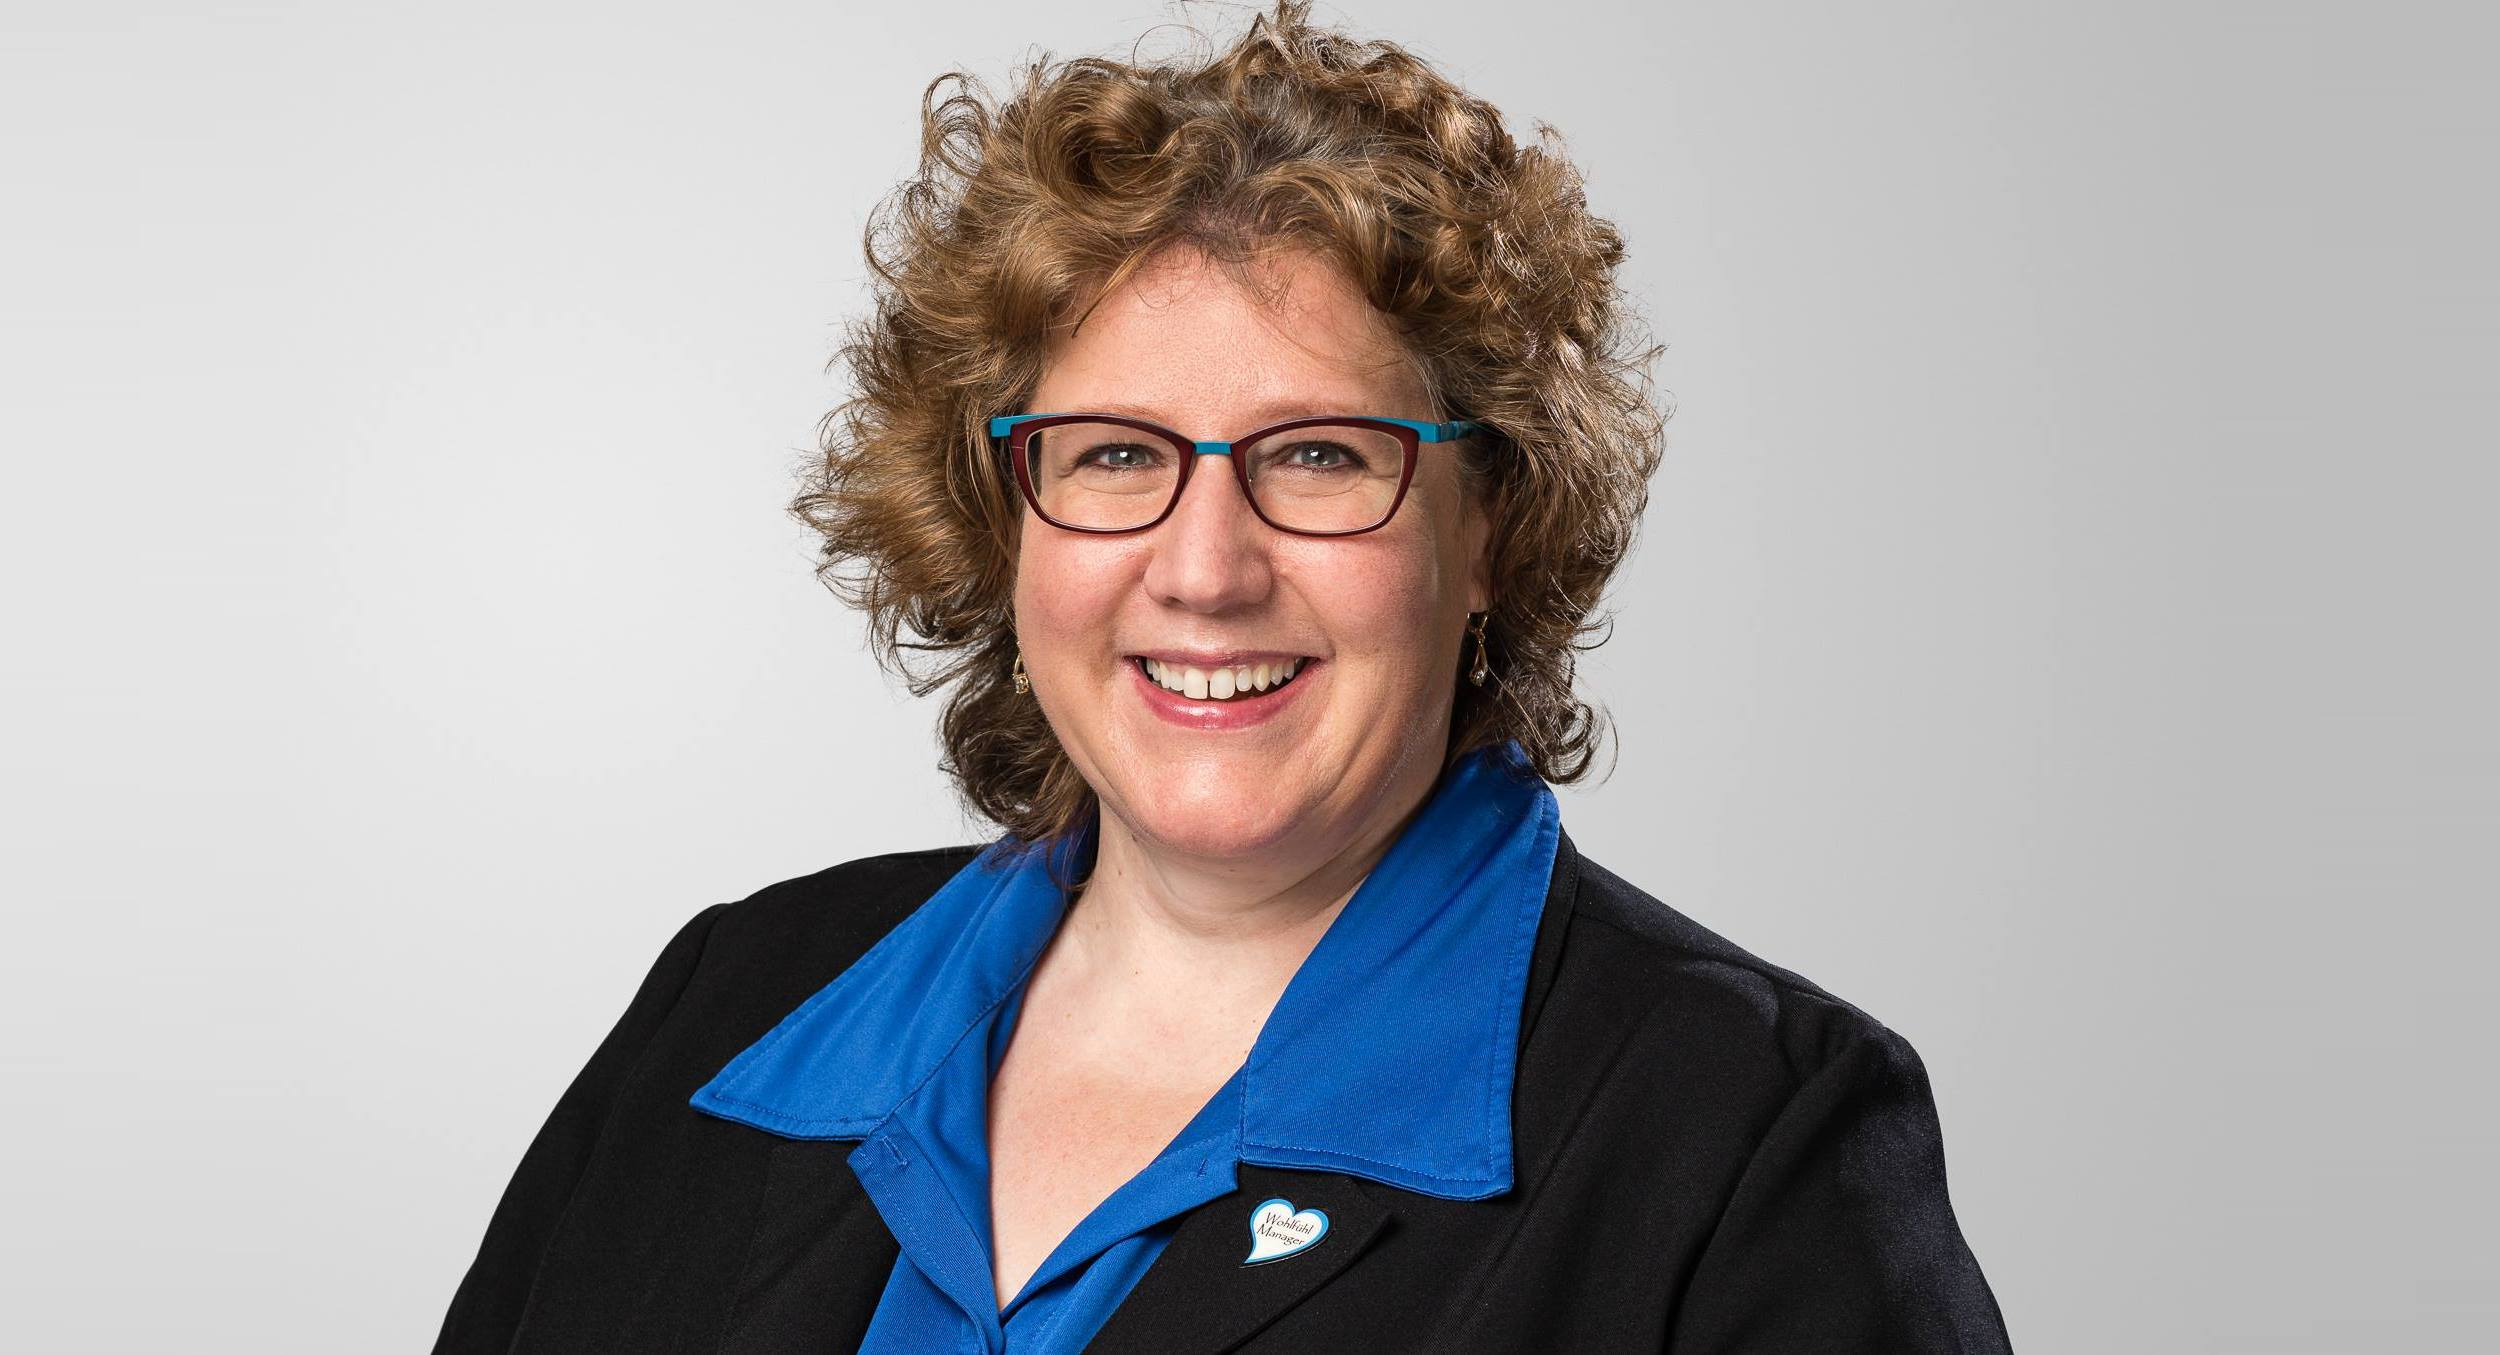 Bernadette Klauenbösch, Berufsbildnerin der Hotel-Kommunikationsfachleute im Hotel Bären in Suhr. Foto: zVg.